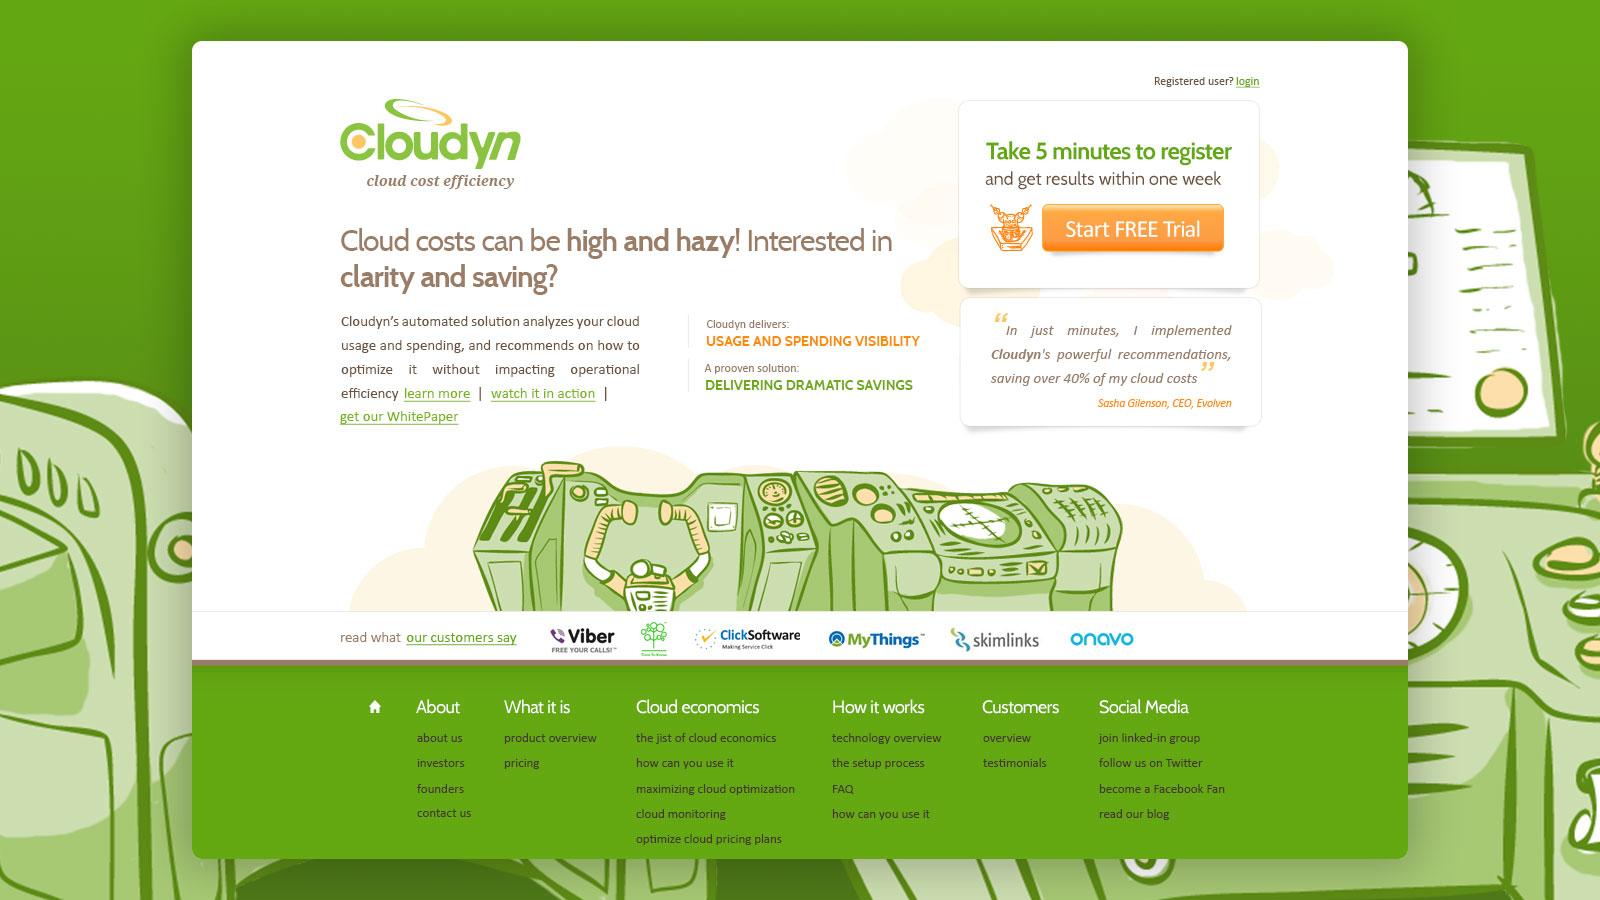 Web design for startup cloudyn עיצוב אתר לסטארטאפ קלאודין